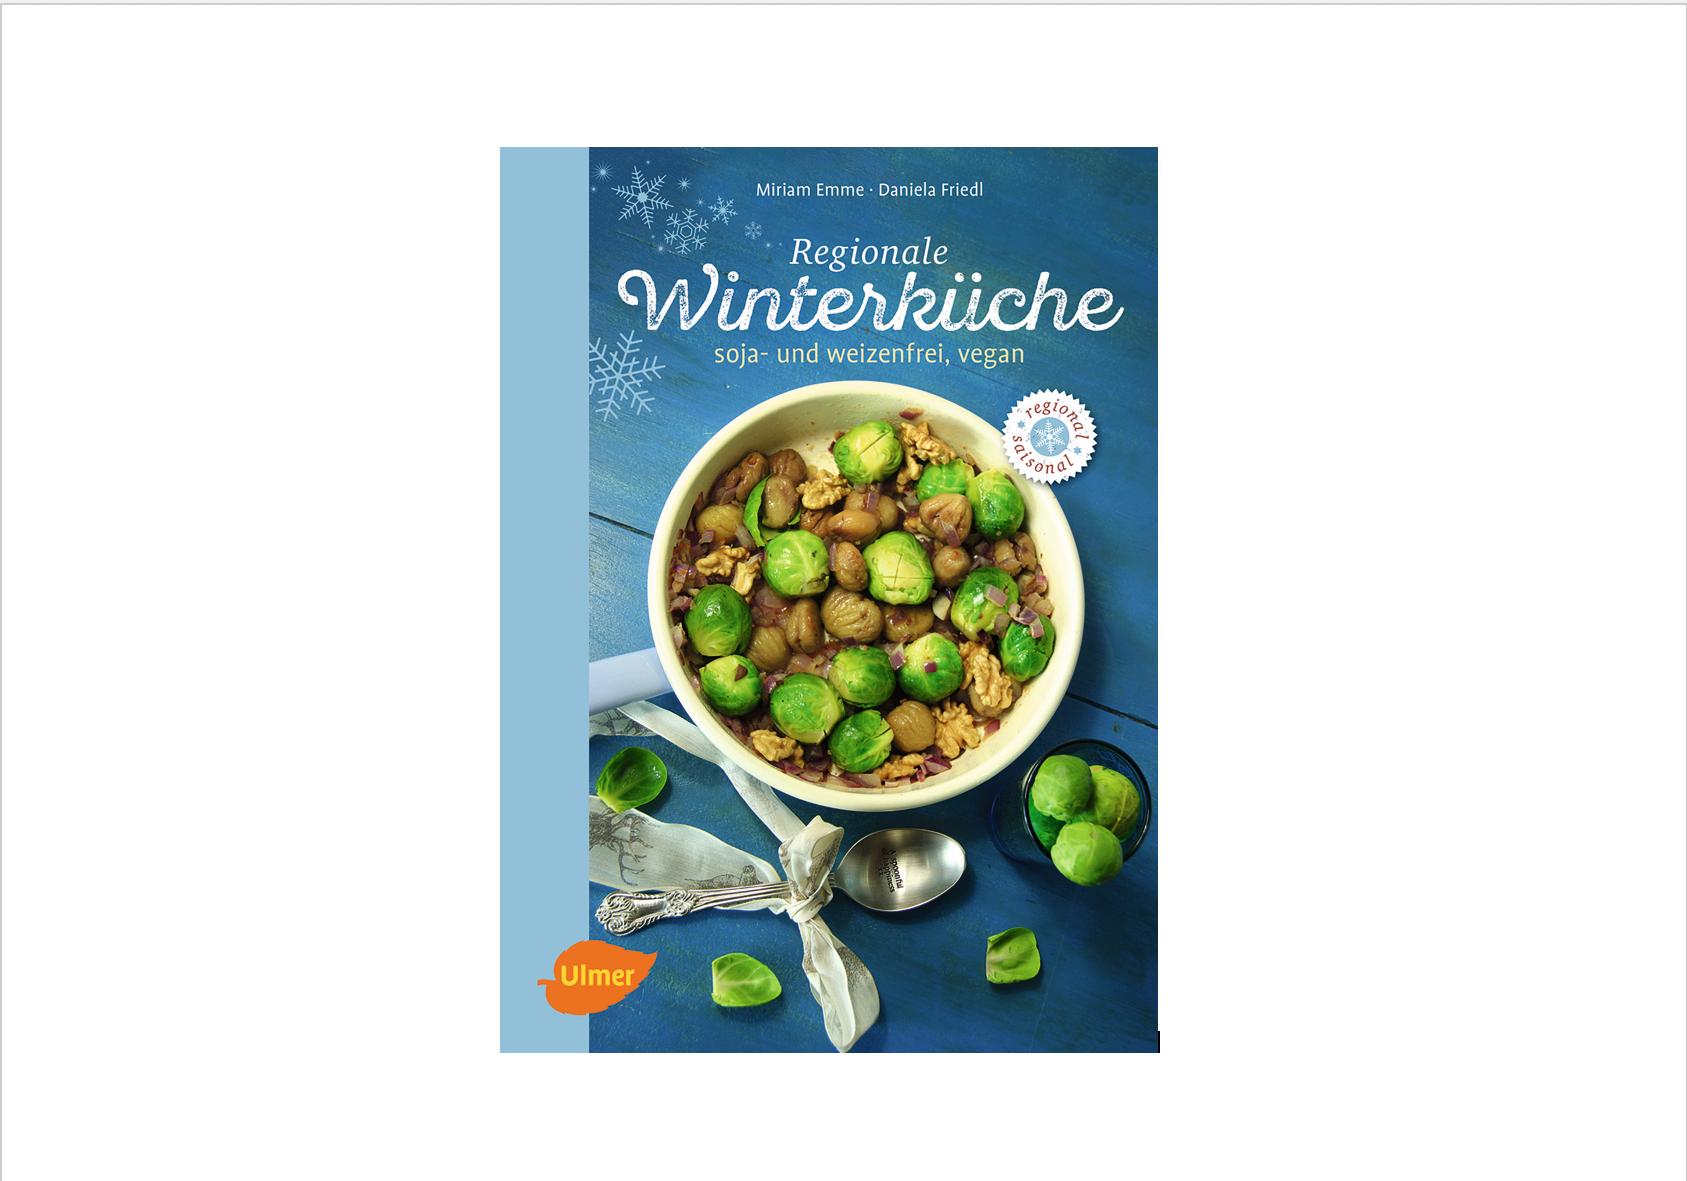 Schnelle vegane küche  Schnelle vegane kuche daniela friedl – Die besten nützlichen ...